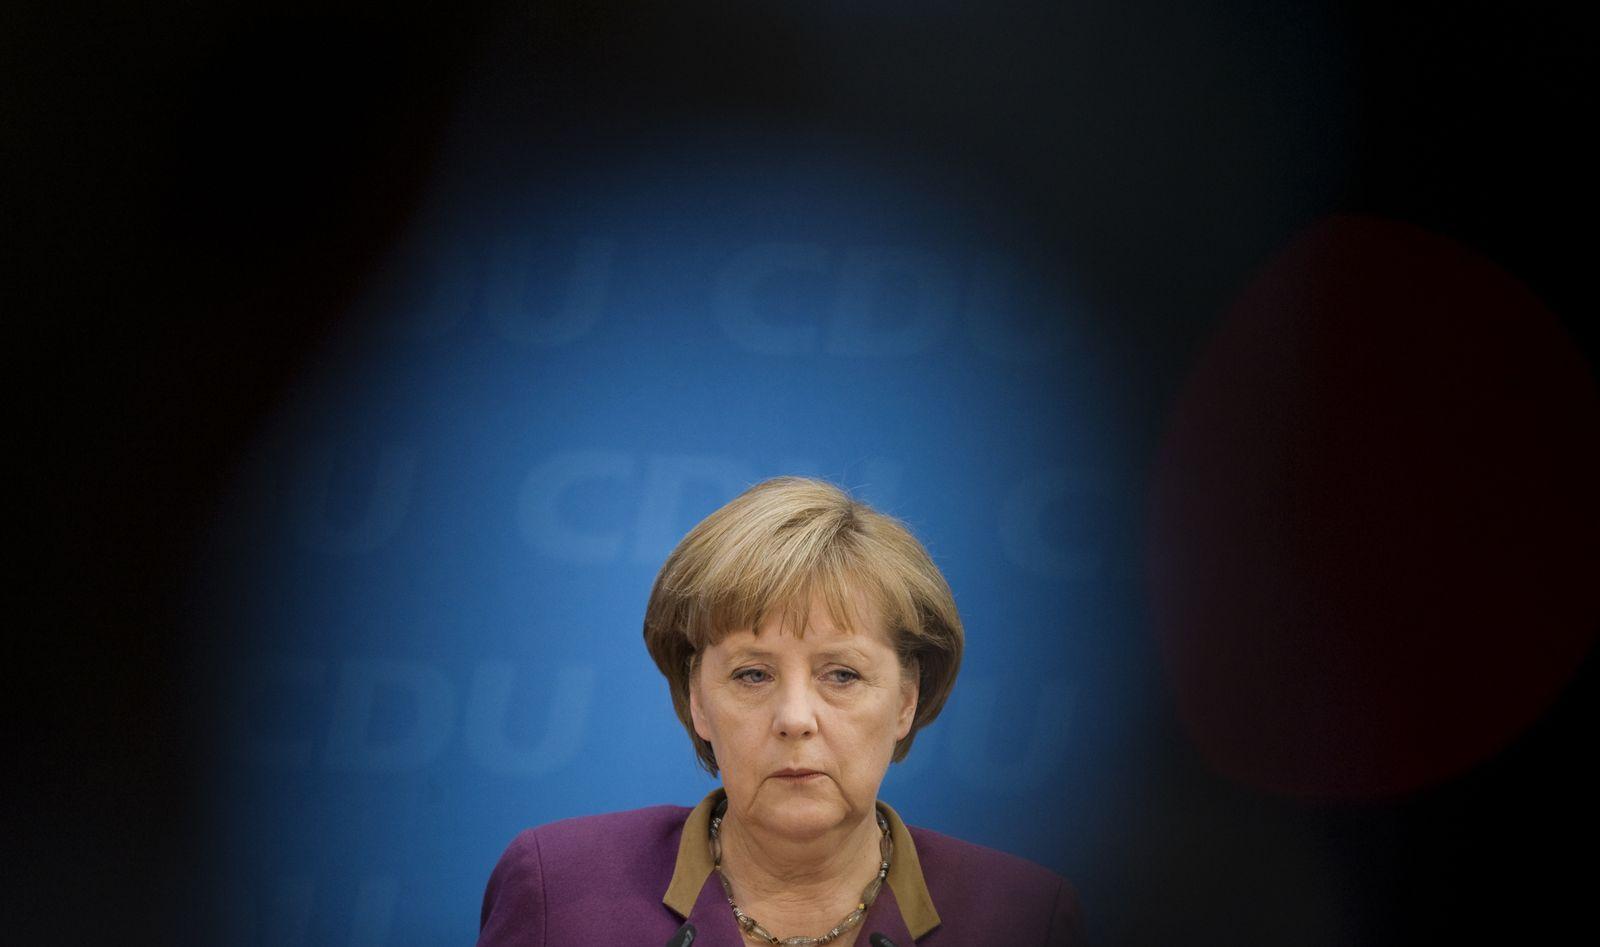 NICHT VERWENDEN XXL Merkel